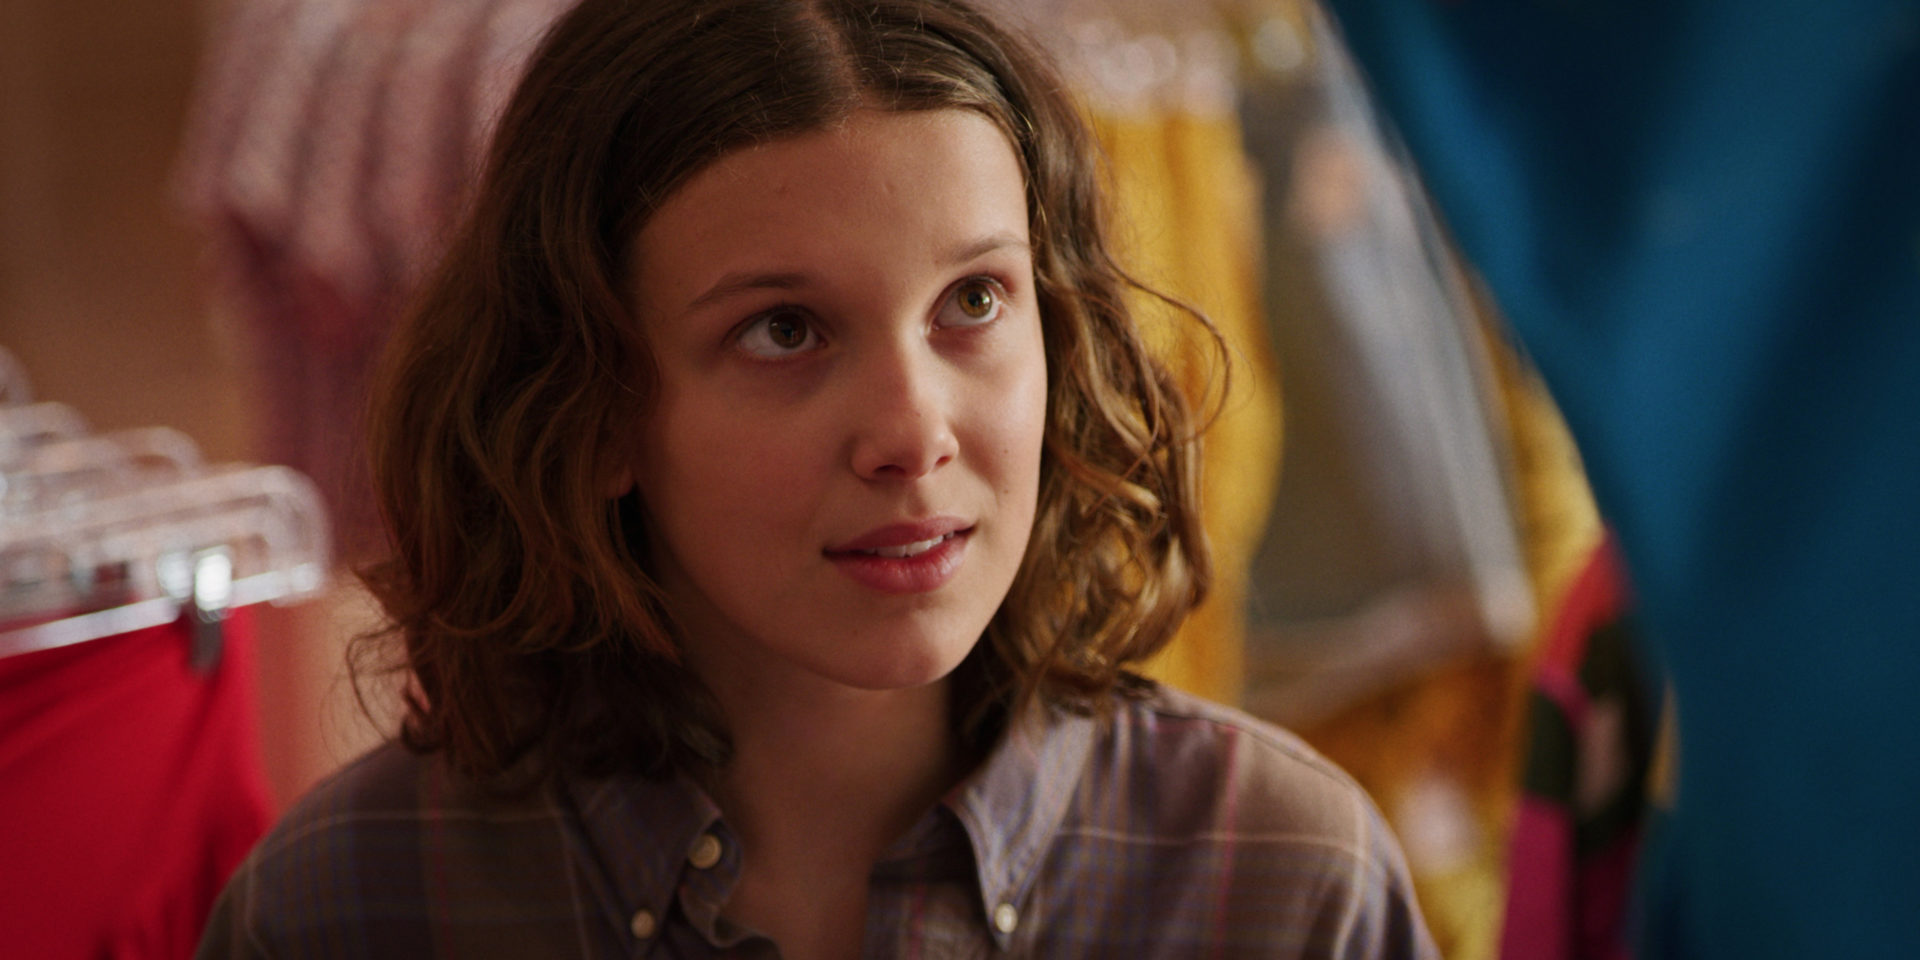 Veja o destino da irmã de Eleven na 3ª temporada de Stranger Things (Foto: Reprodução)